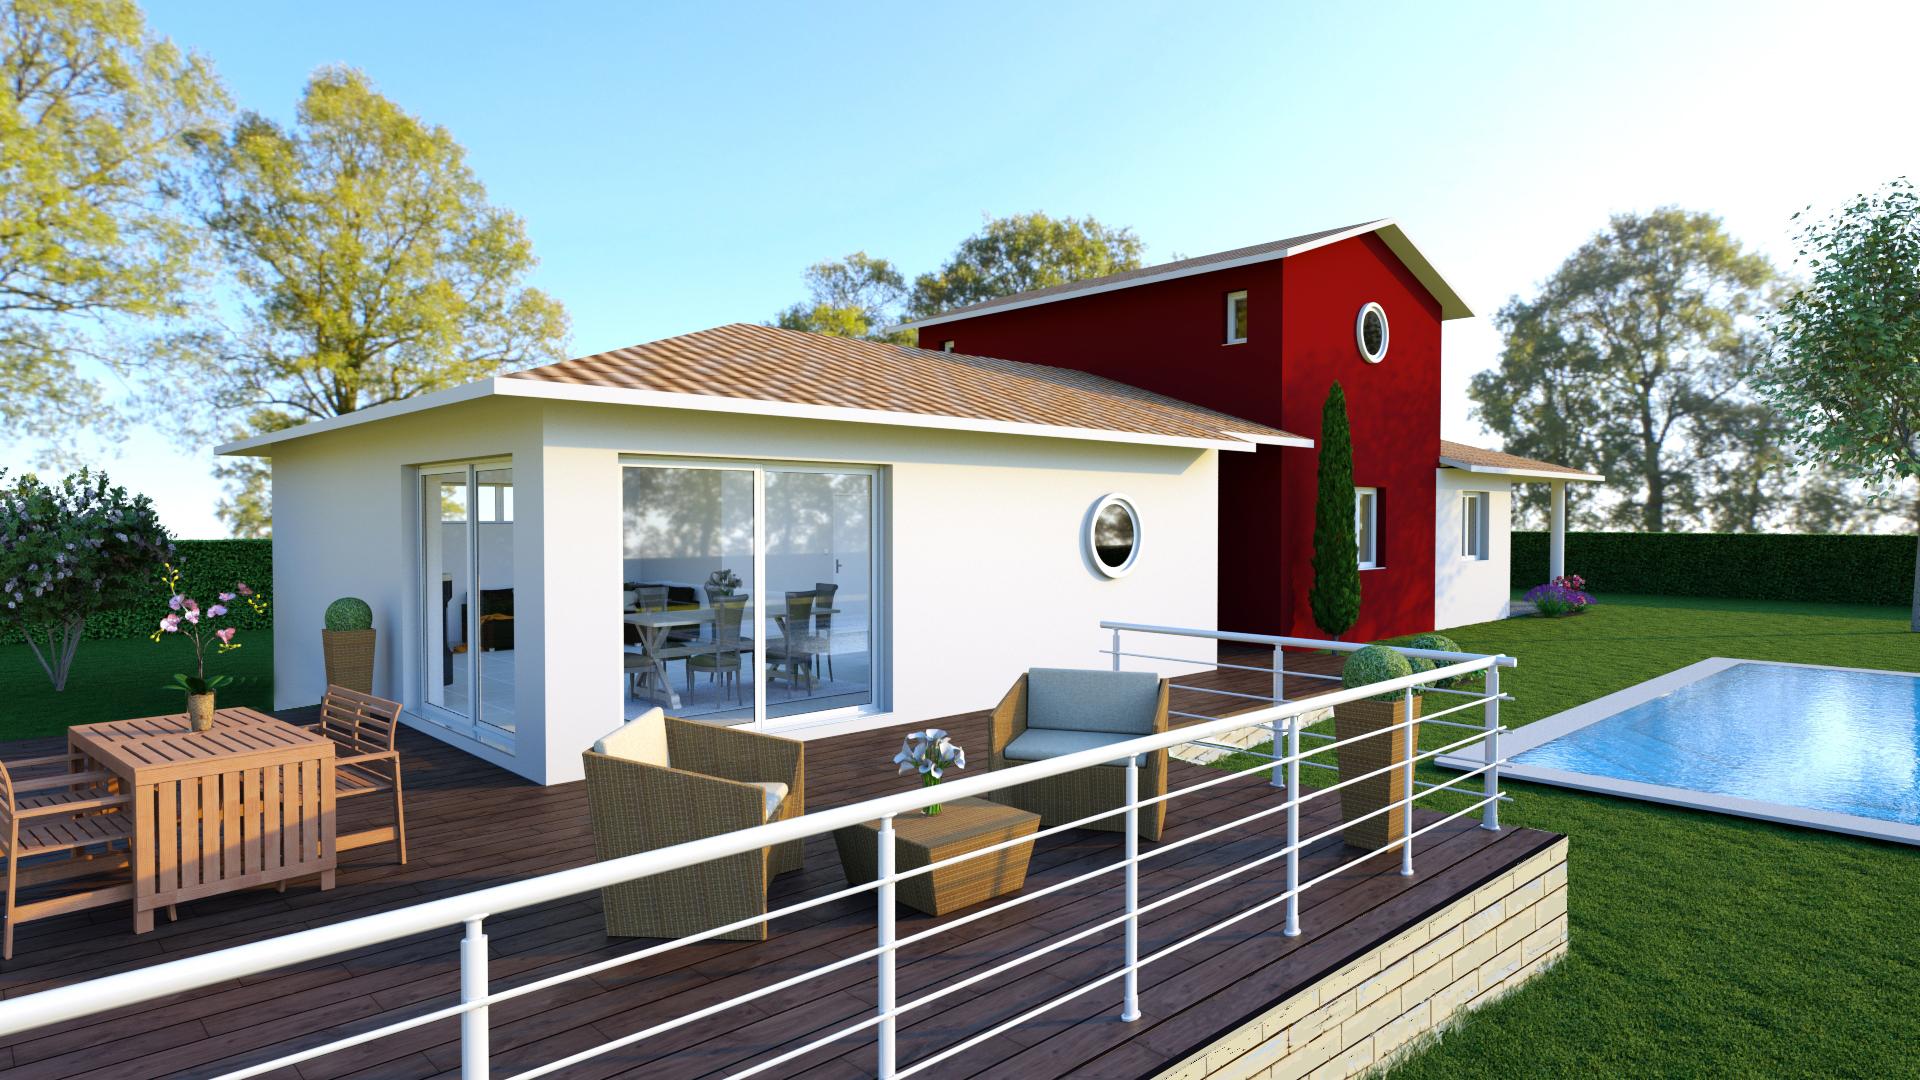 Vue terrasse maison h raud constructeur de maisons for Vue terrasse